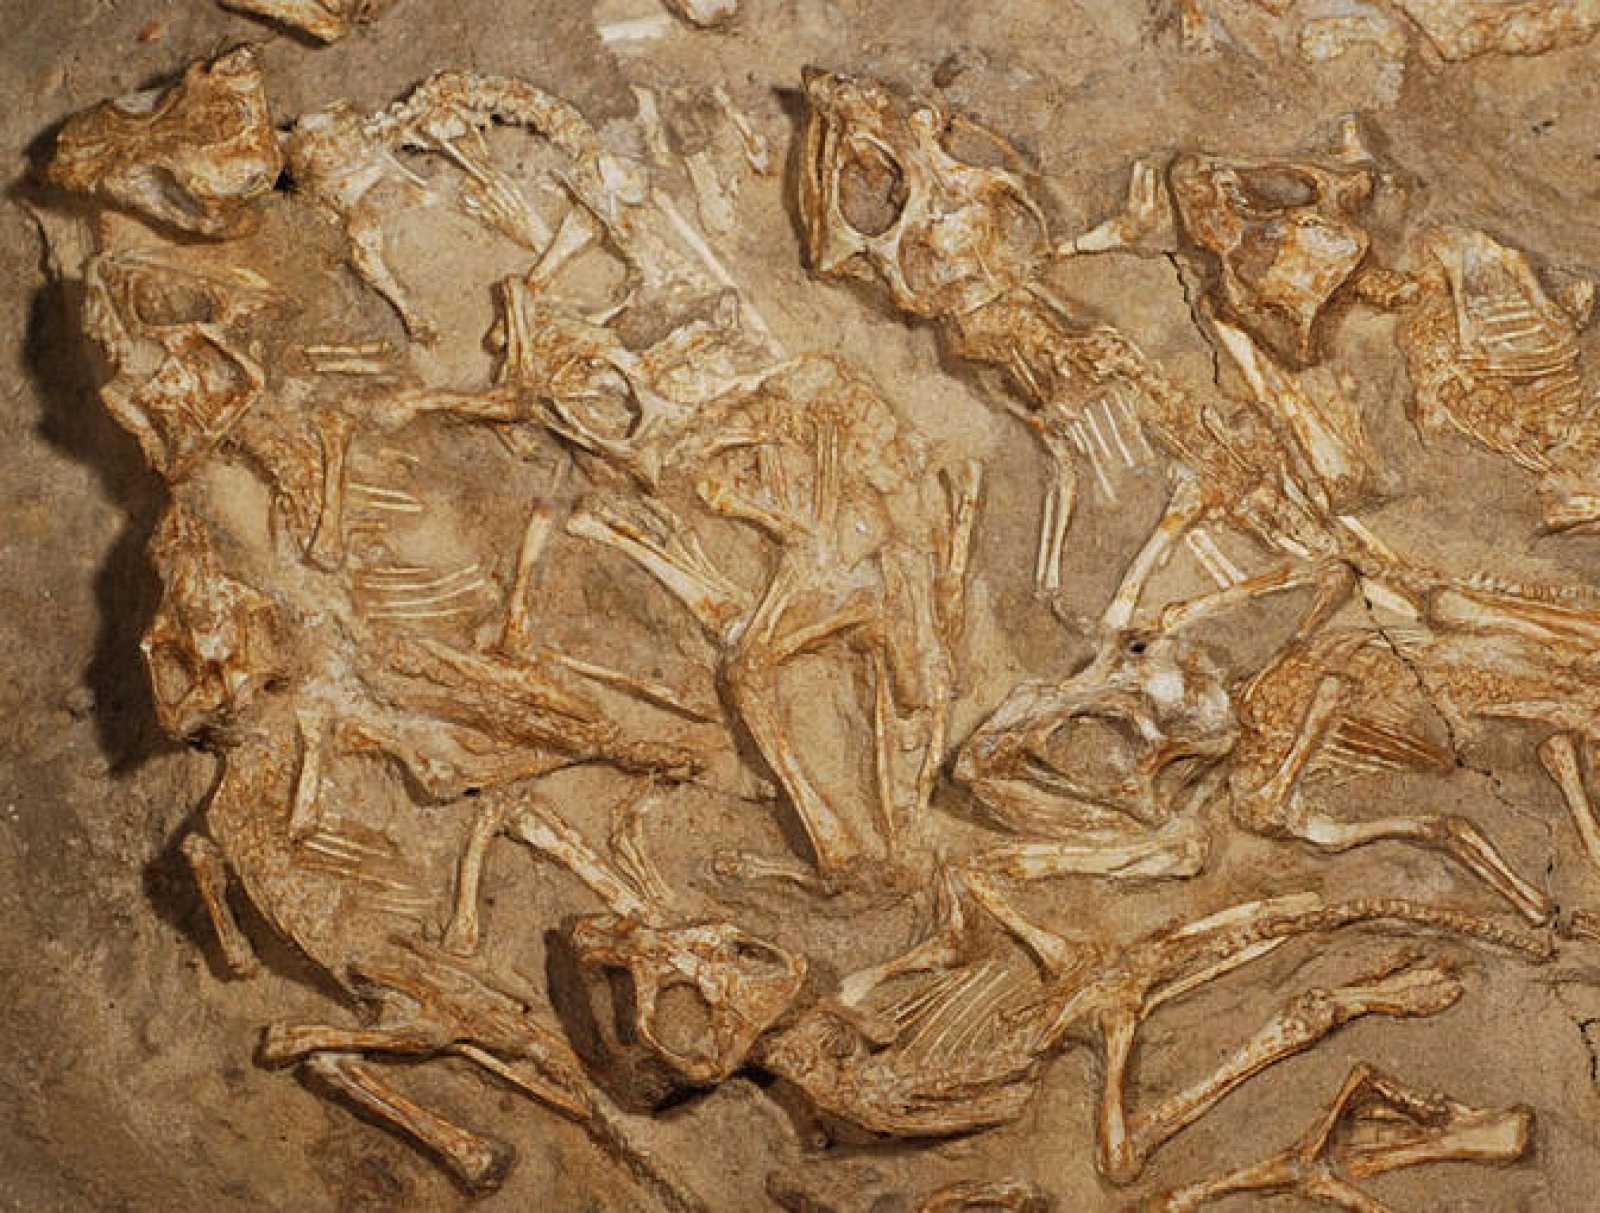 Descubren Un Nido Repleto De Fósiles De Dinosaurios Recién Nacidos Rtve Es